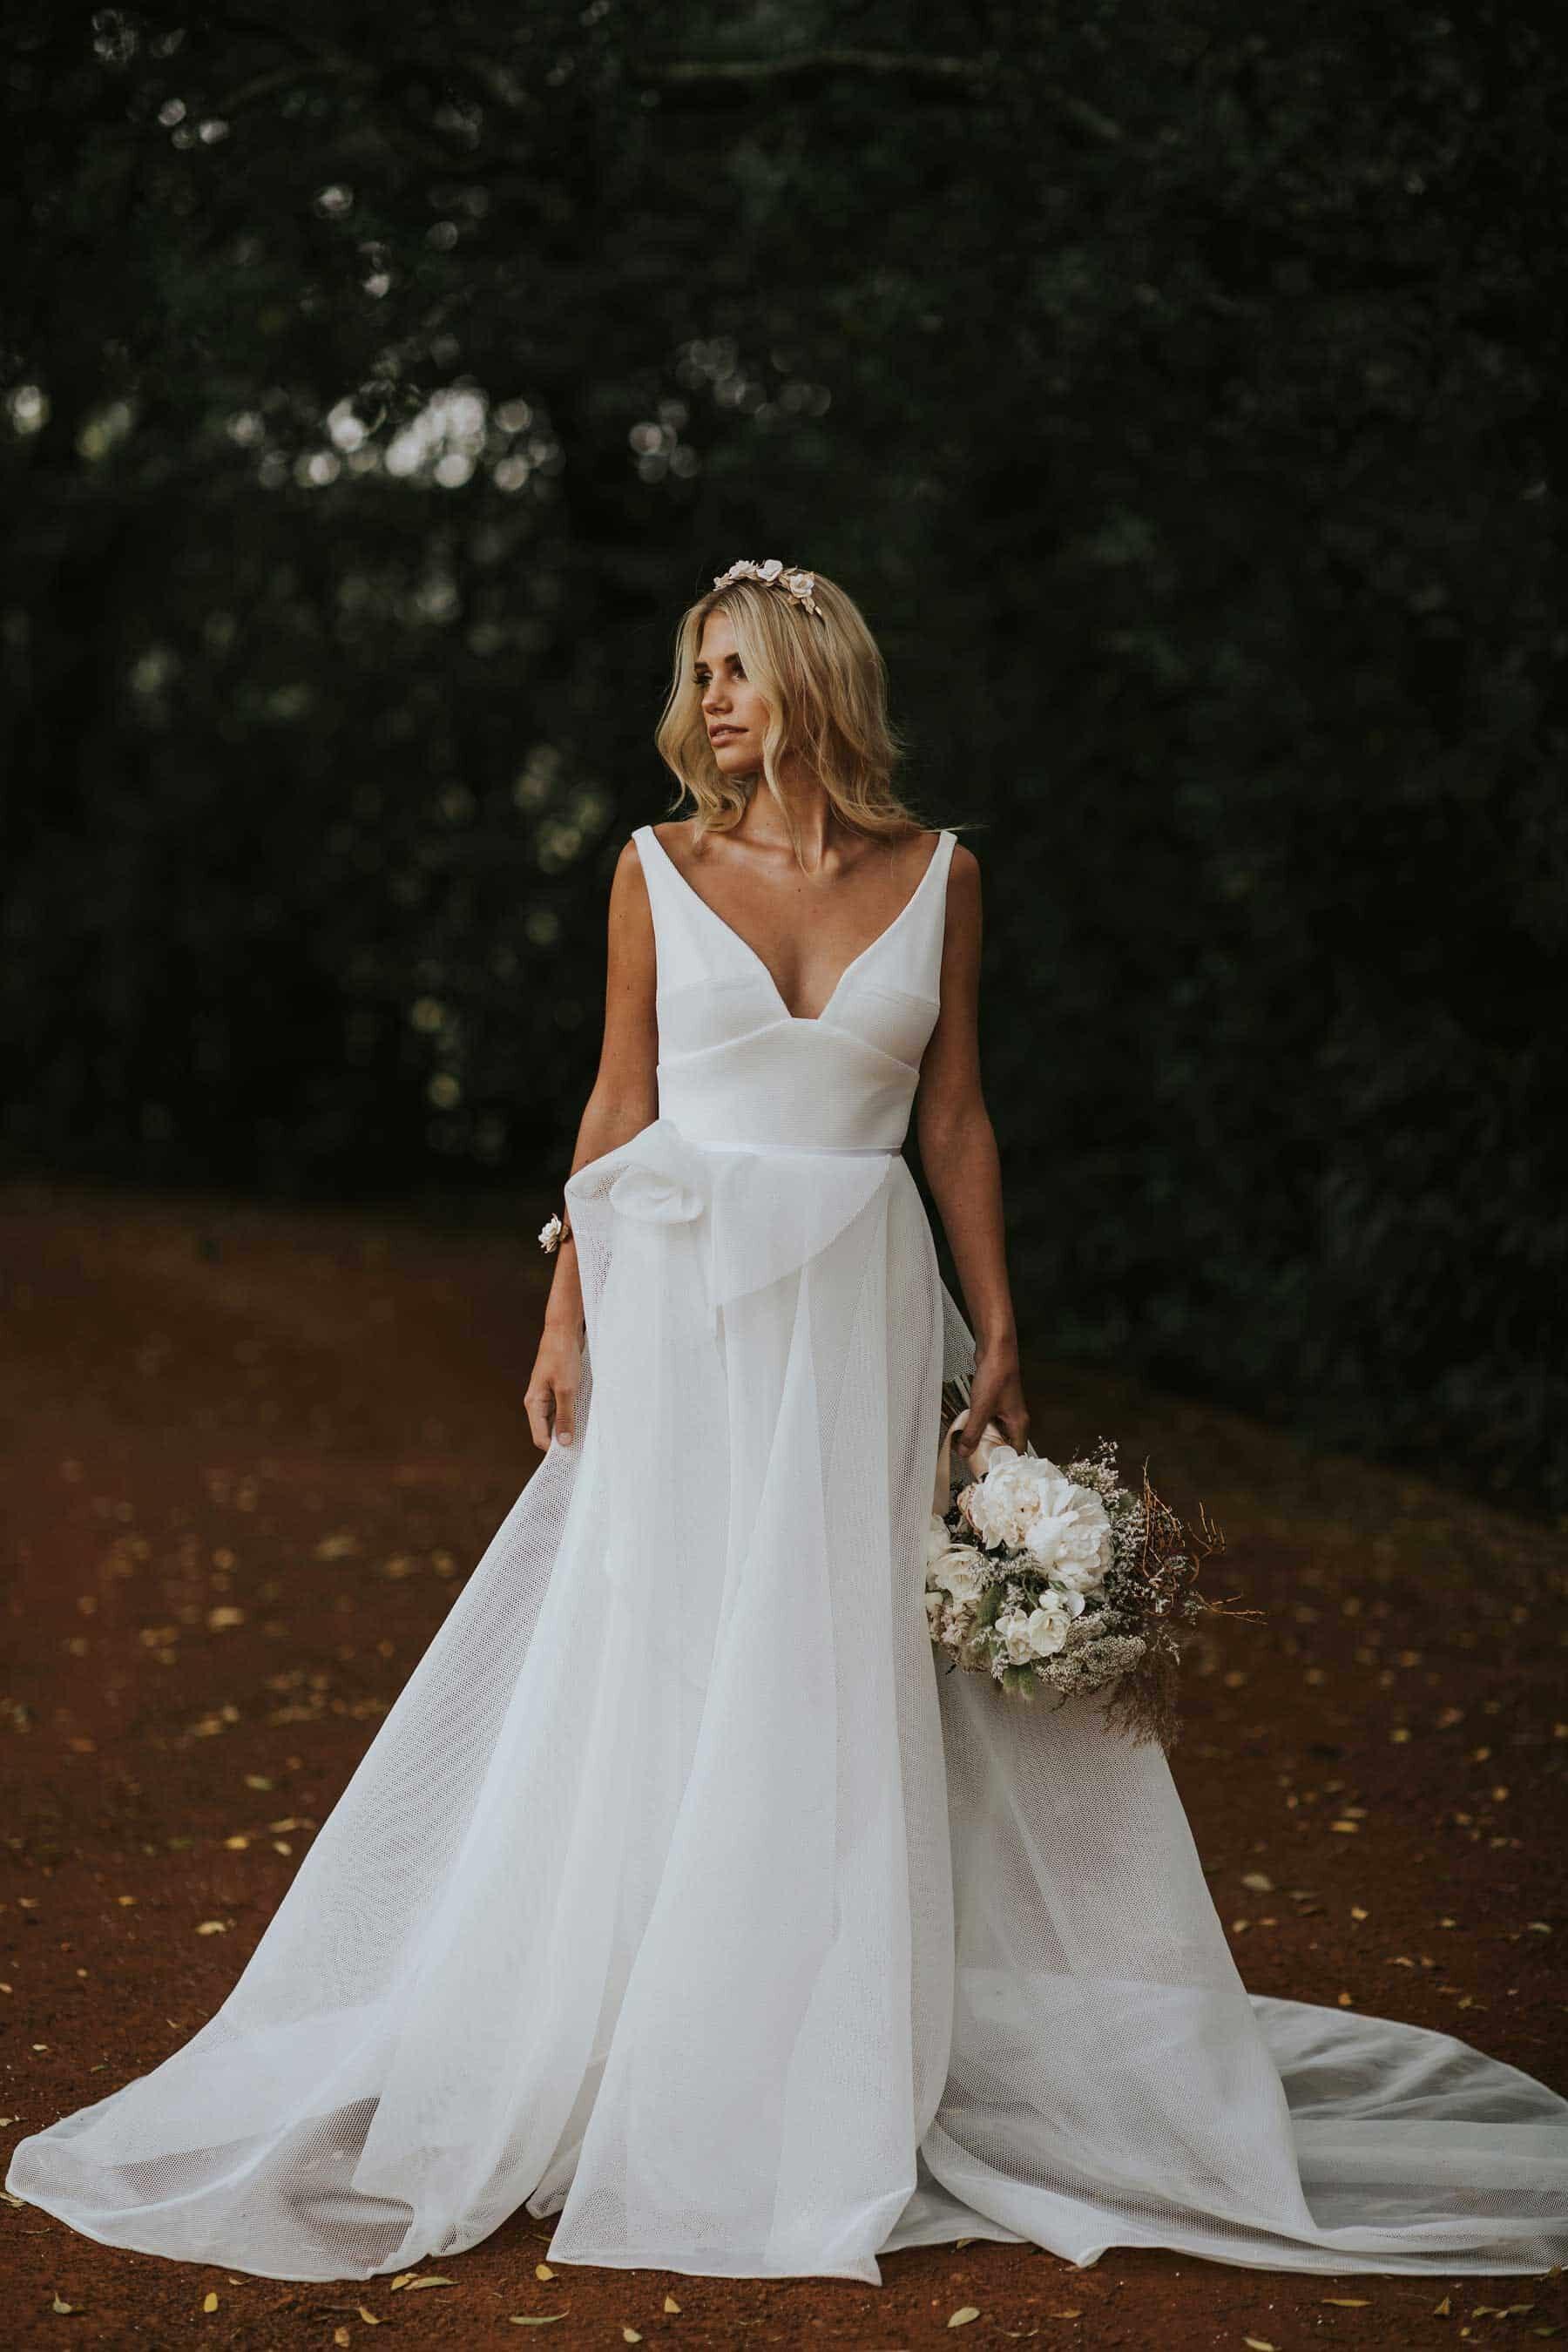 v-neck wedding dress with full sculptural skirt